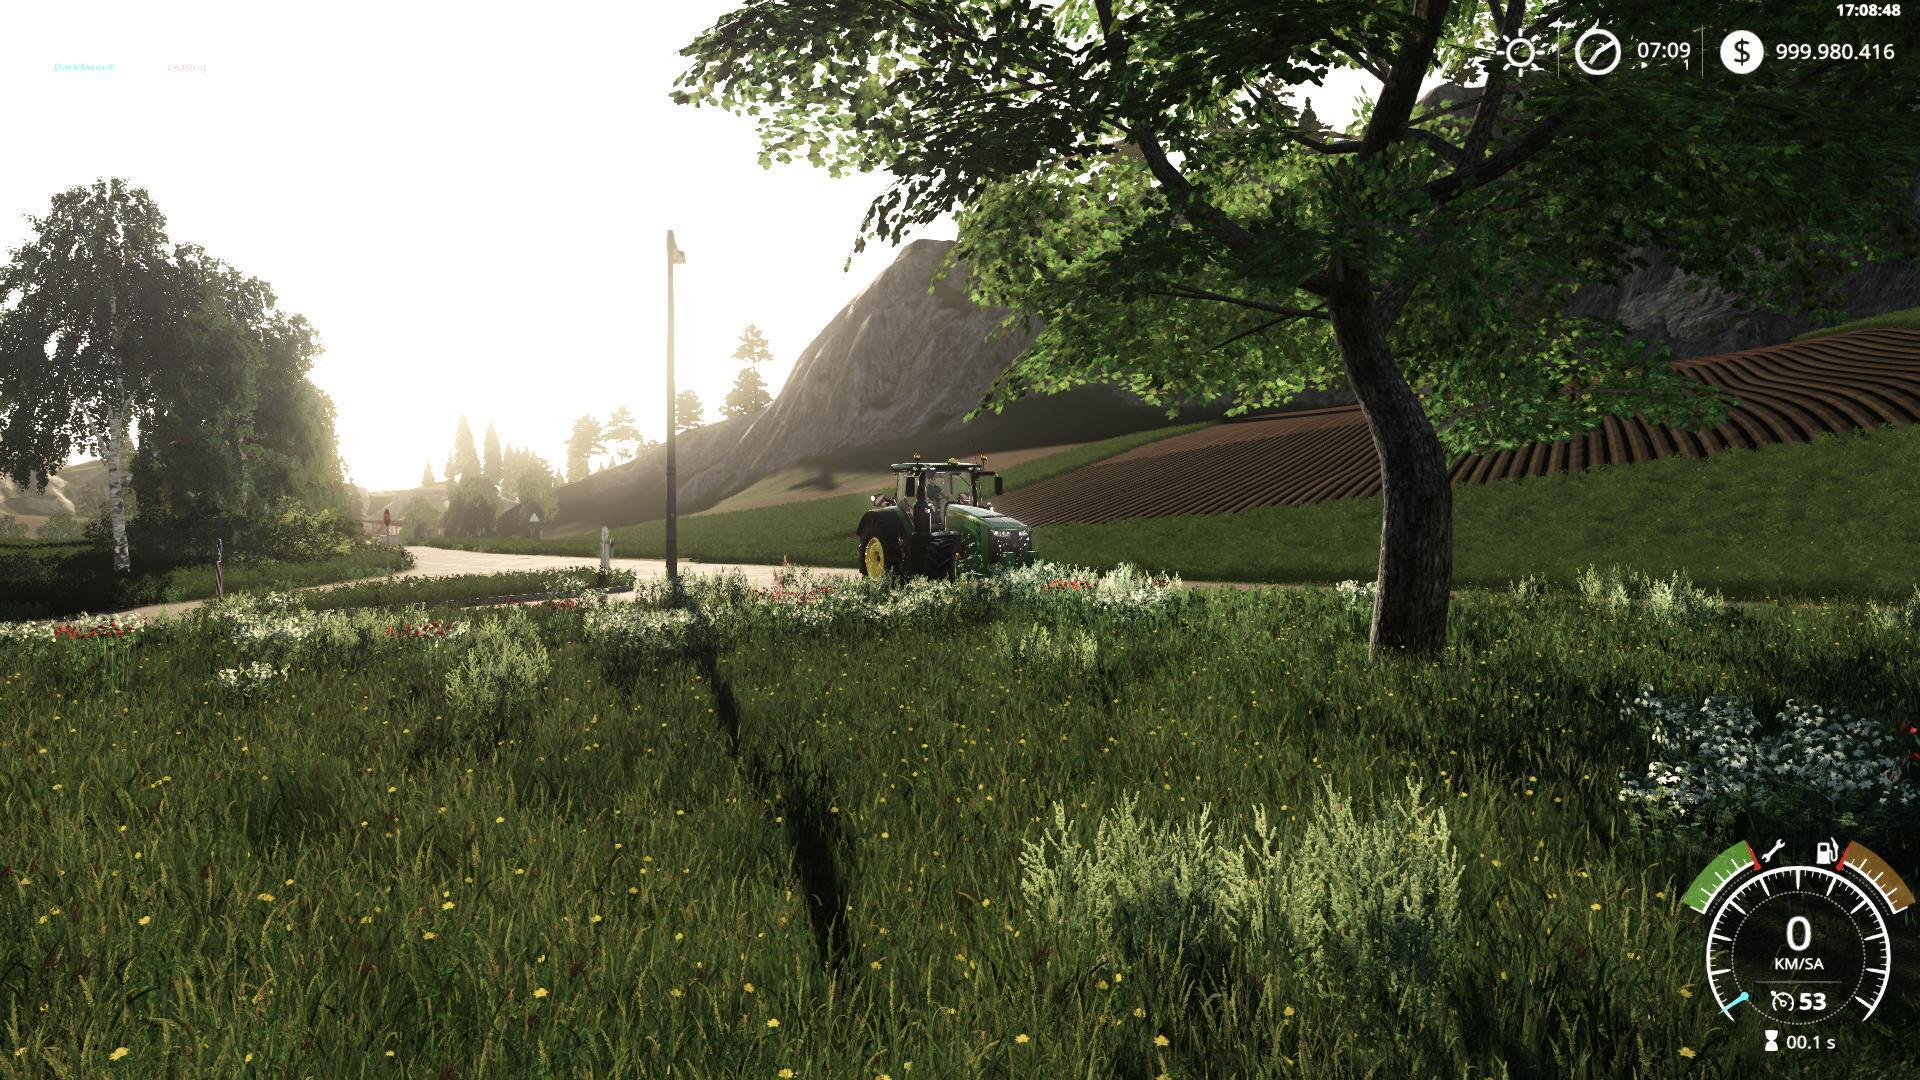 Скачать шейдеры 20 для farming simulator 2015 бесплатно